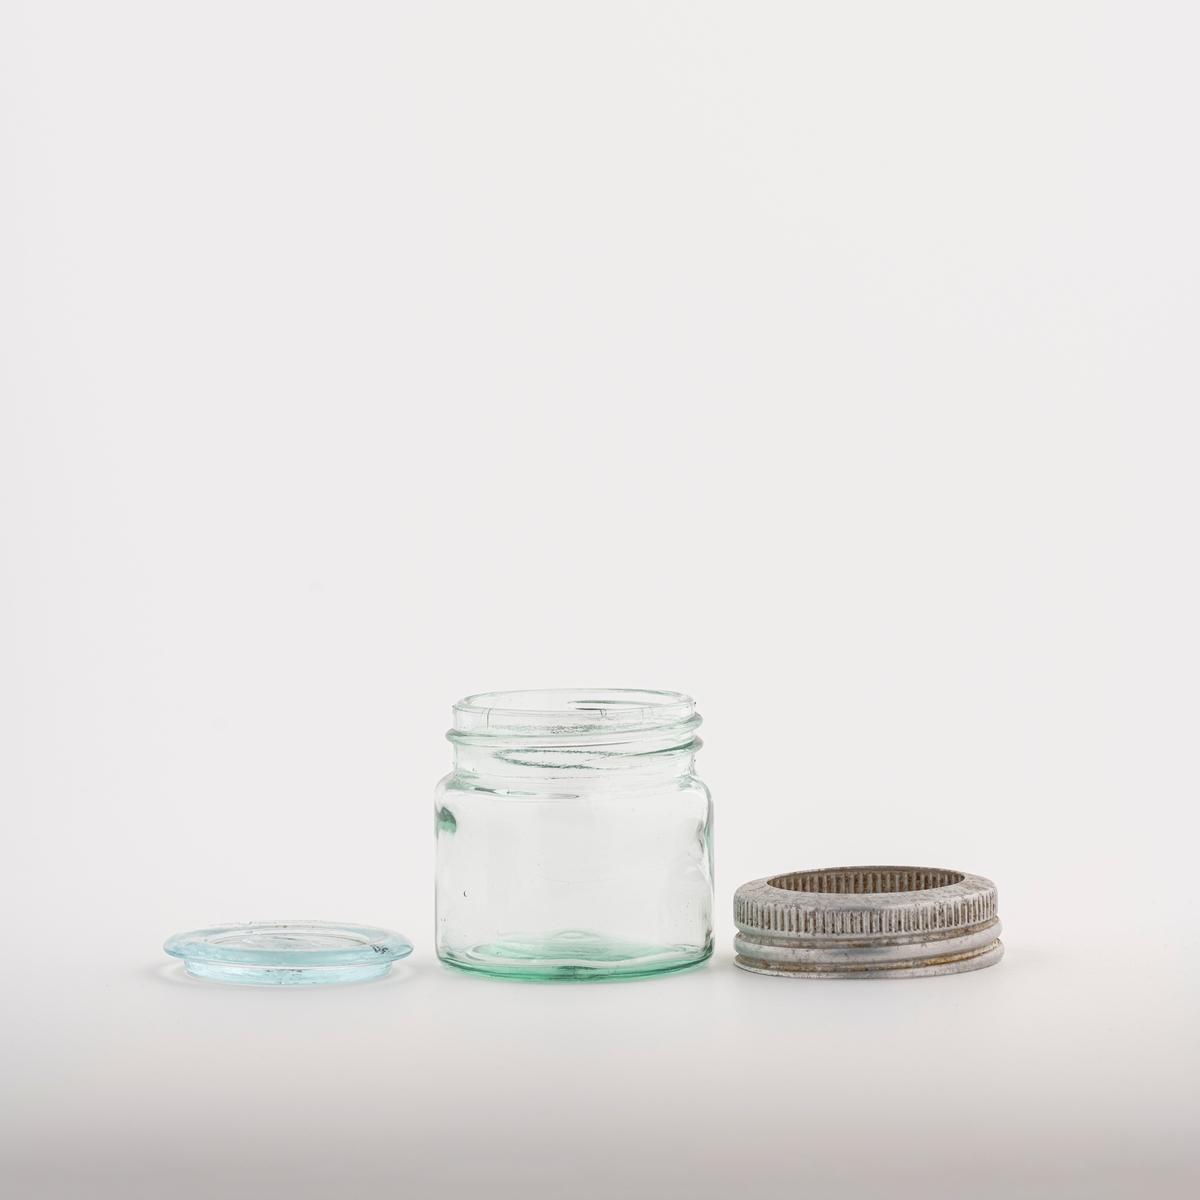 Glasset har rund grunnflate. Lokket er i glass og legges løst oppå. Lokket festes til bunnen med en metallring som skrus fast.